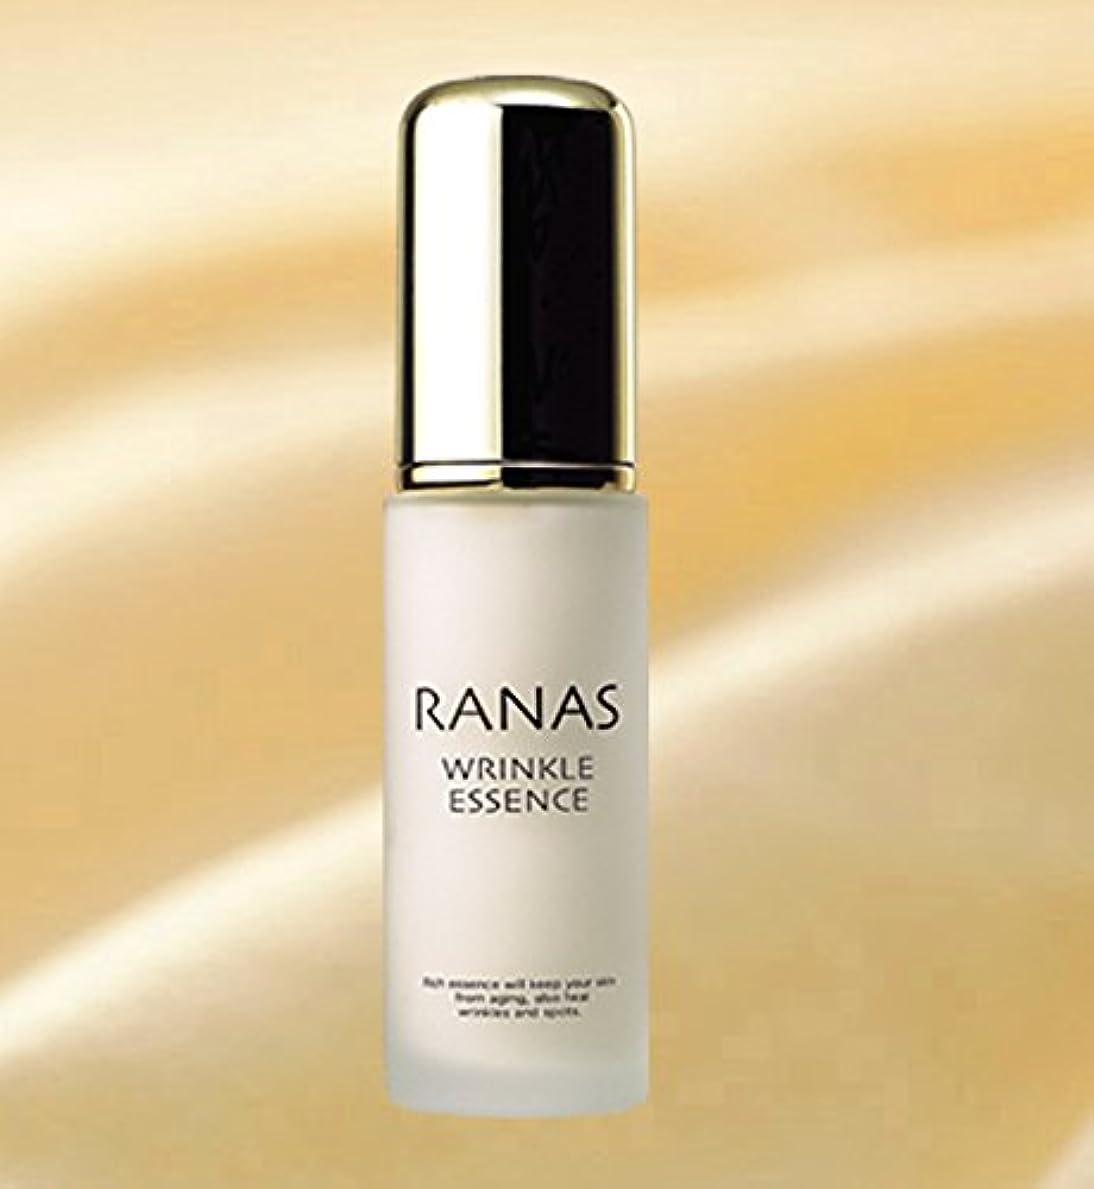 リース約描写ラナス スペシャル リンクルエッセンス (30ml) Ranas Special Wrinkle Essence (Beauty Essence)